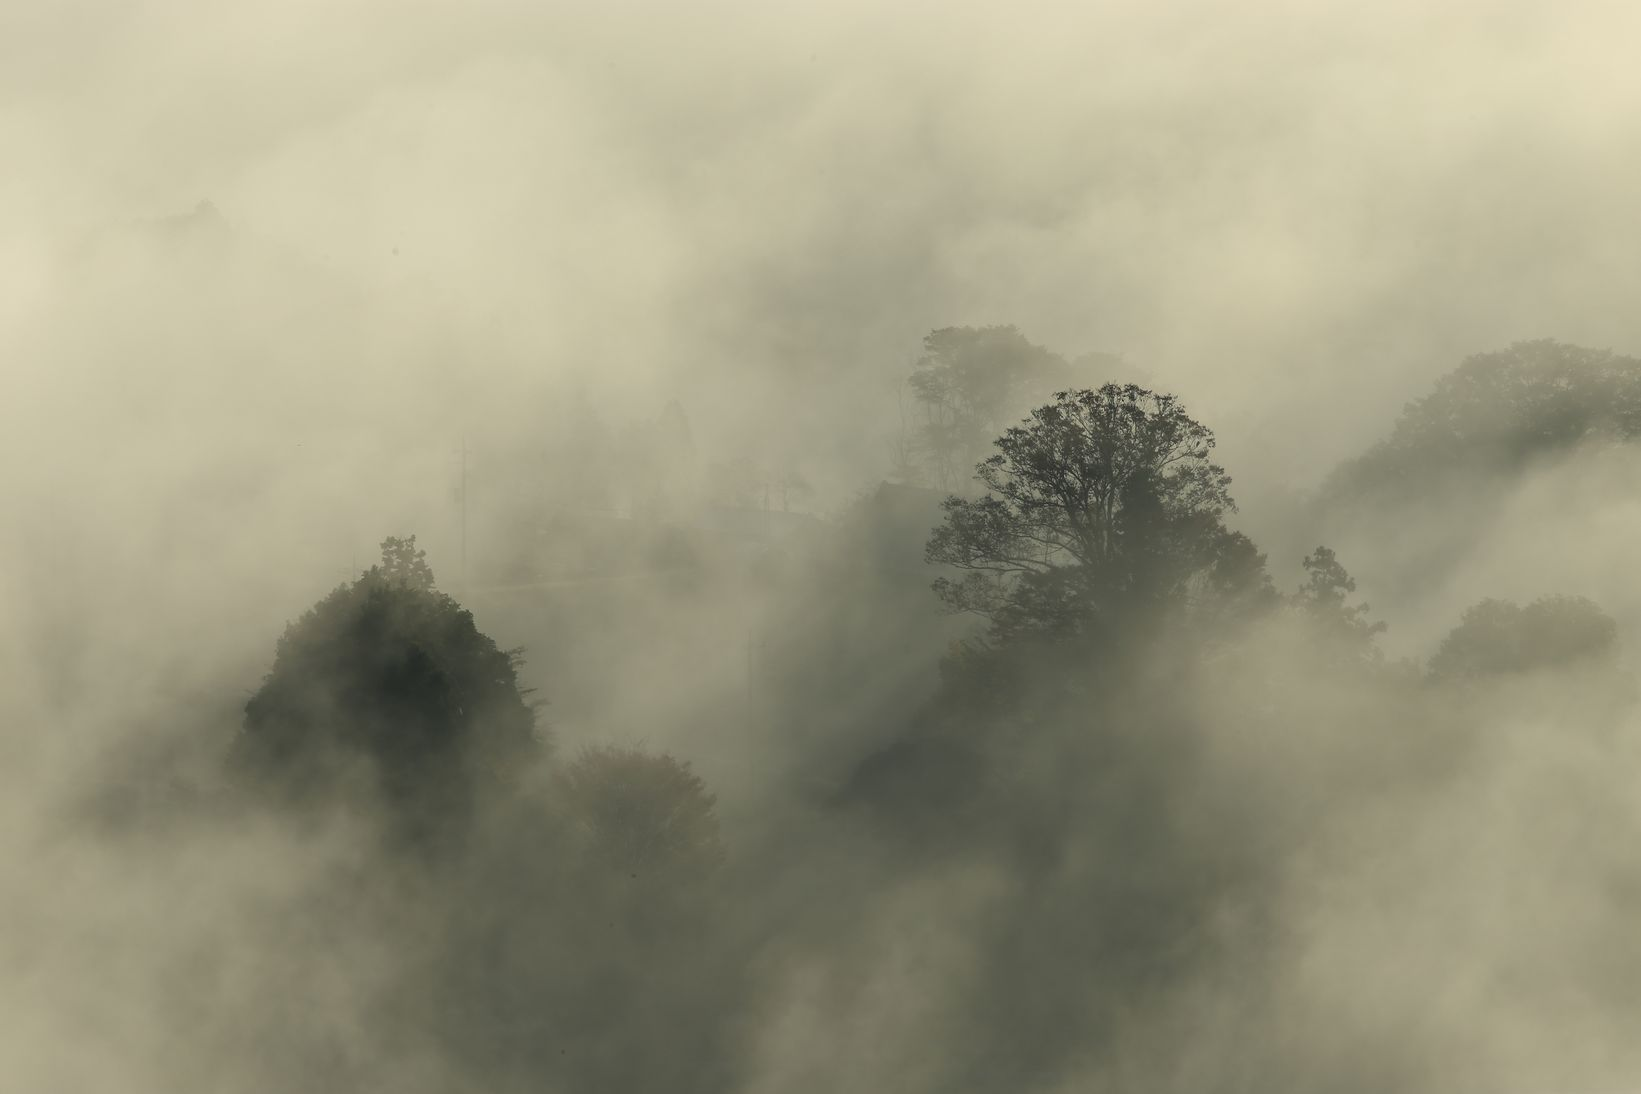 鎌倉山雲海